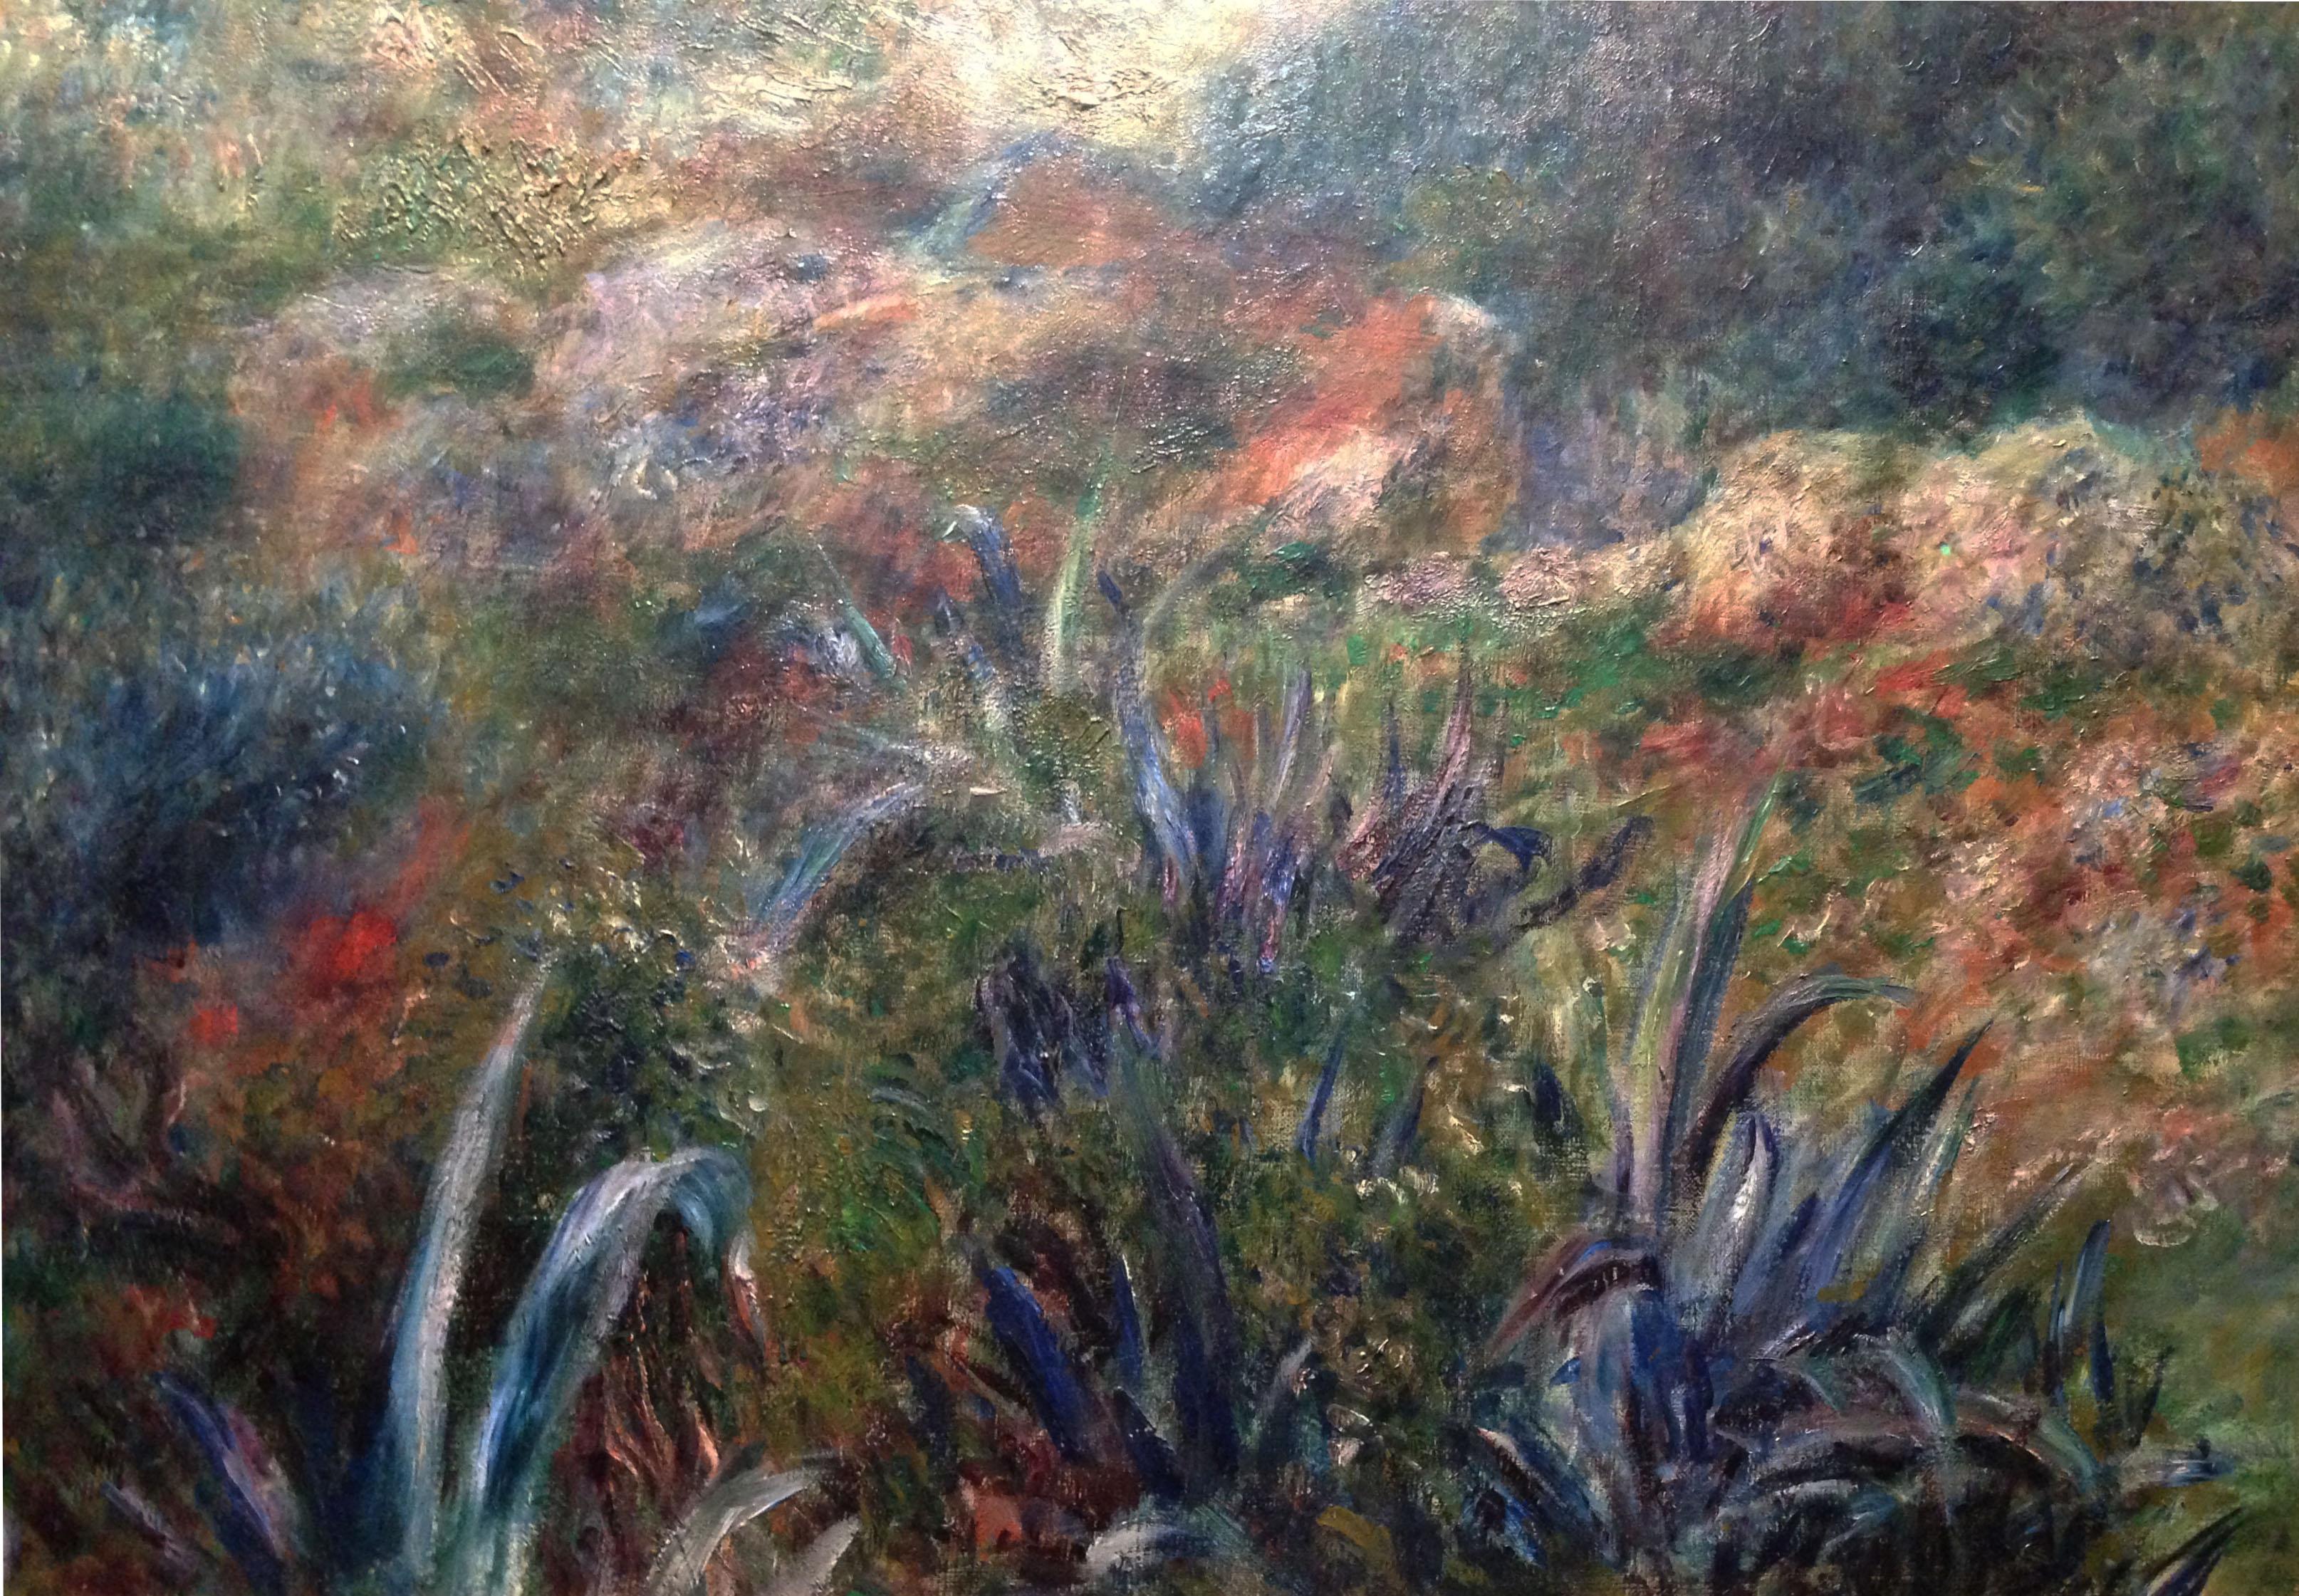 Художник Ренуар Renoir картина Алжирский пейзаж Овраг дикарки Paysage algérien le ravin de la femme sauvage пейзажи природы Альберт Сафиуллин